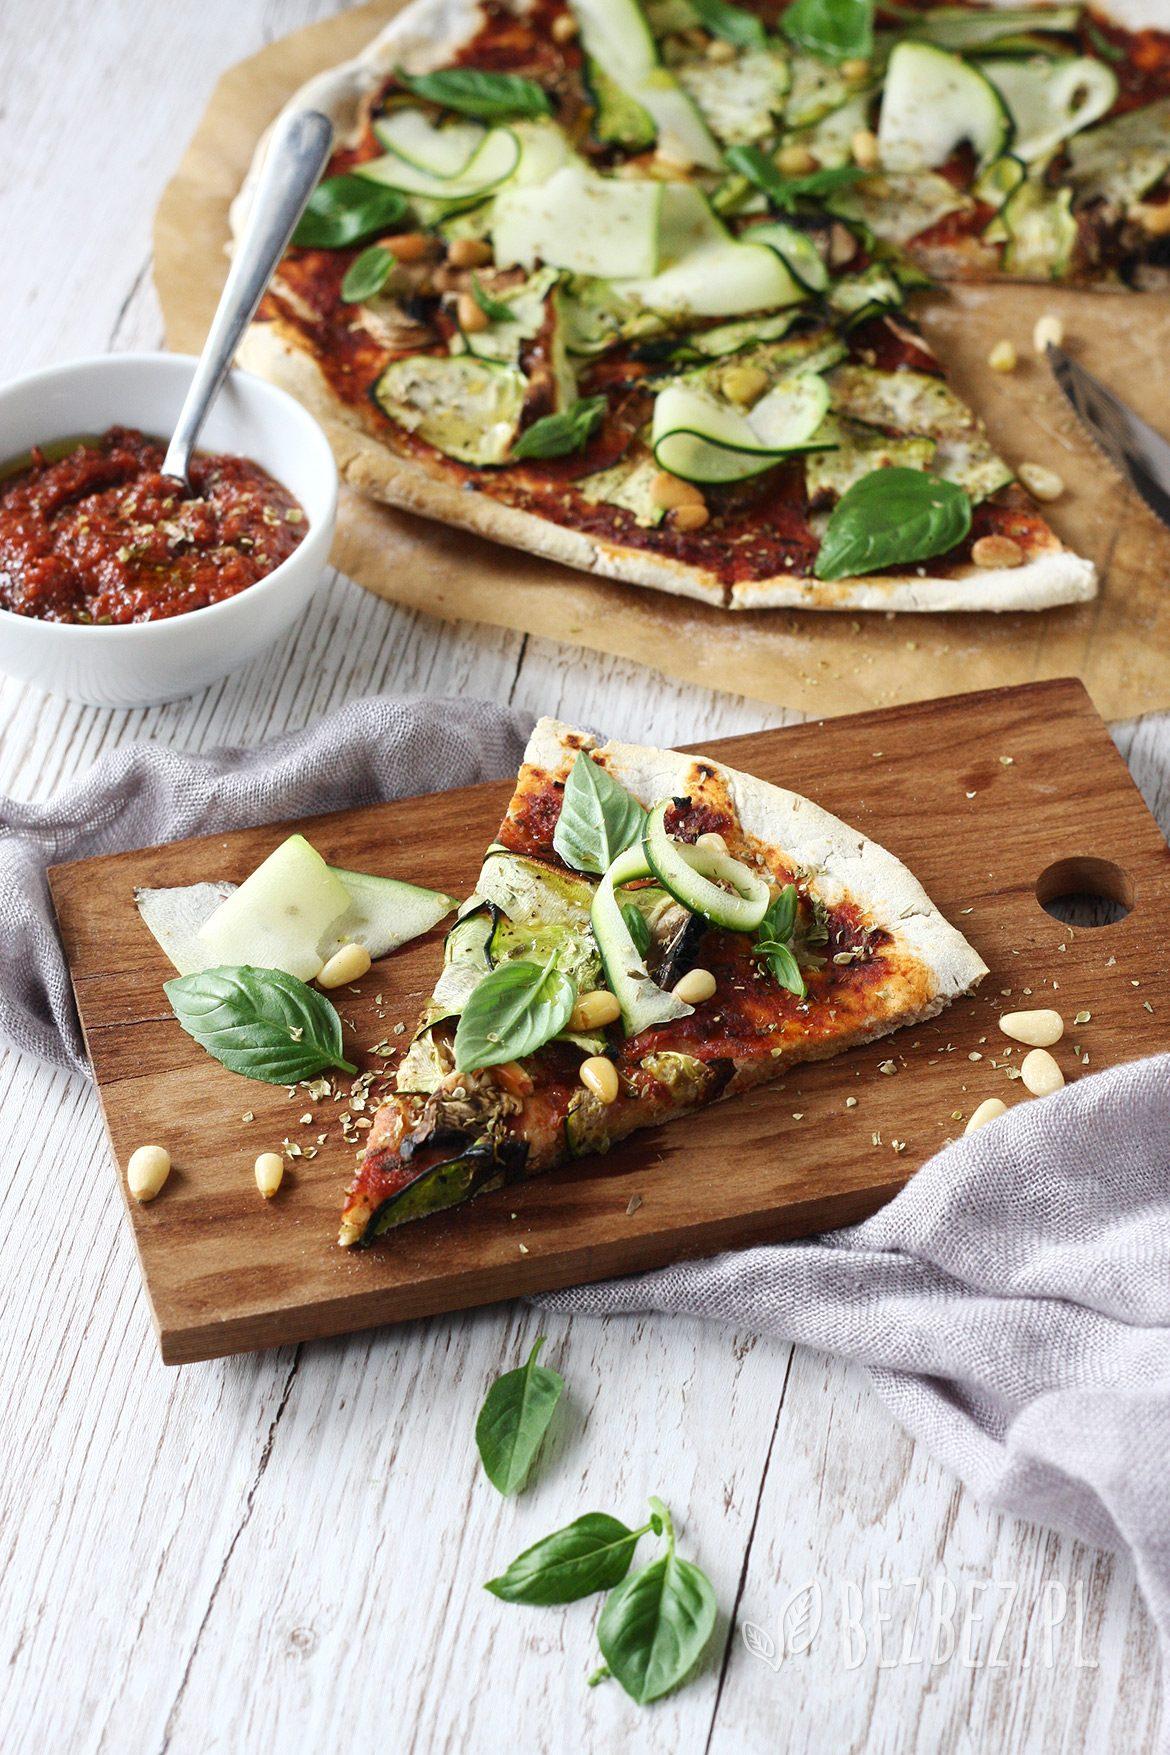 ekspresowa pizza bez glutenu i drożdży, wegańska